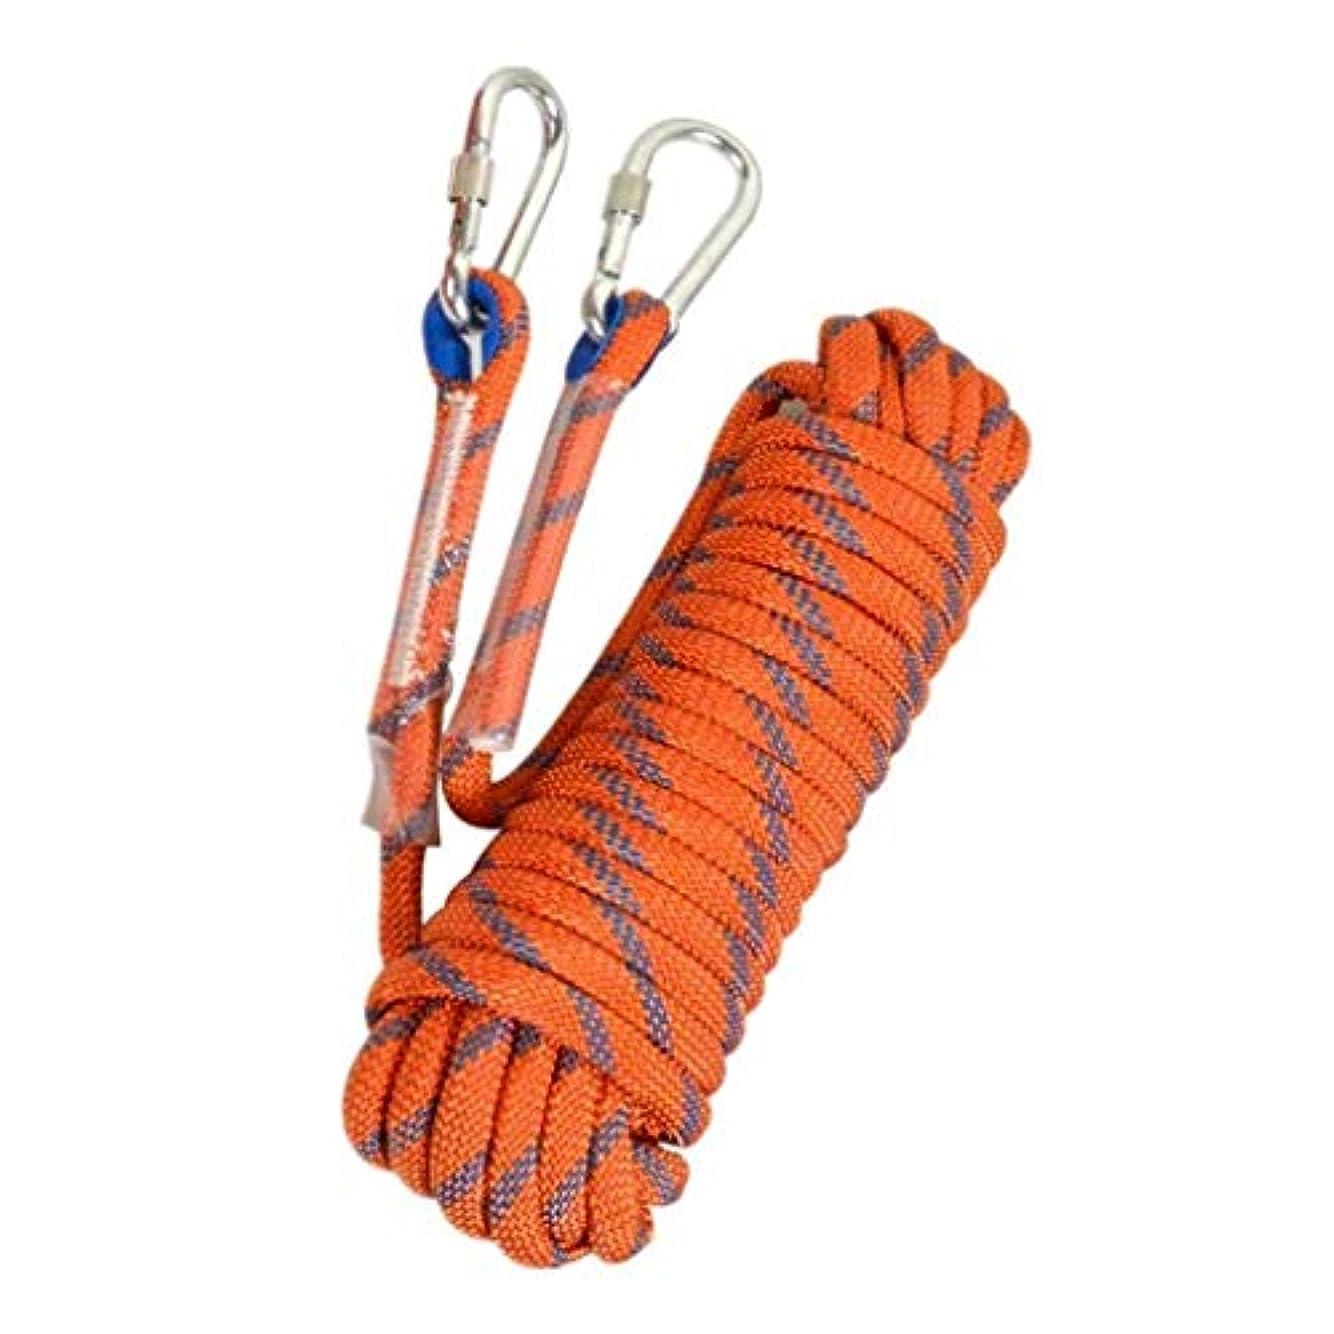 リス羊のシリアルロッククライミングロープメーター、屋外火災エスケープ救助パラシュート静的屋内ロープ、ヘビーデューティロープ、安全耐久性のある高品質